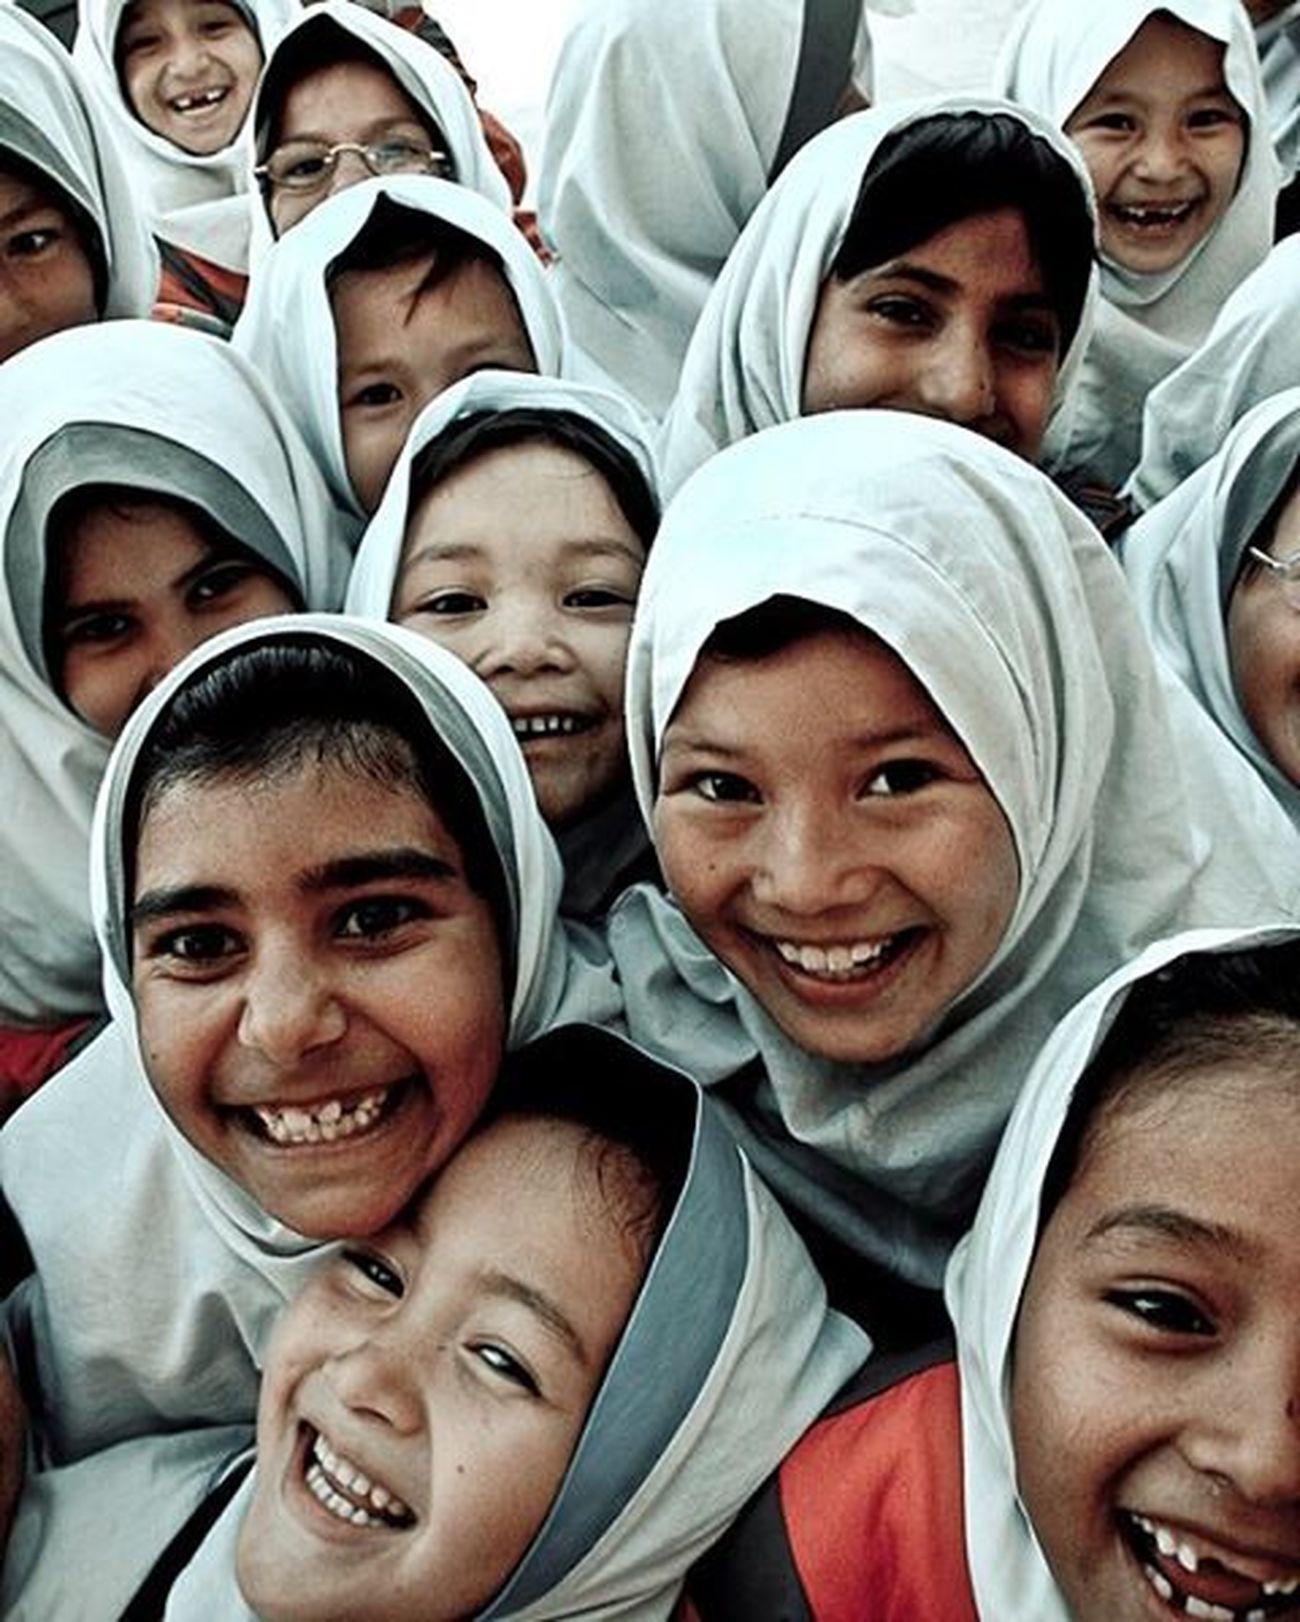 School Kids Laugh Students Girls Documentary Photojournalism Instagram Instagold Instamessage Happy Worldbestshots Afghanrefugeesiniran